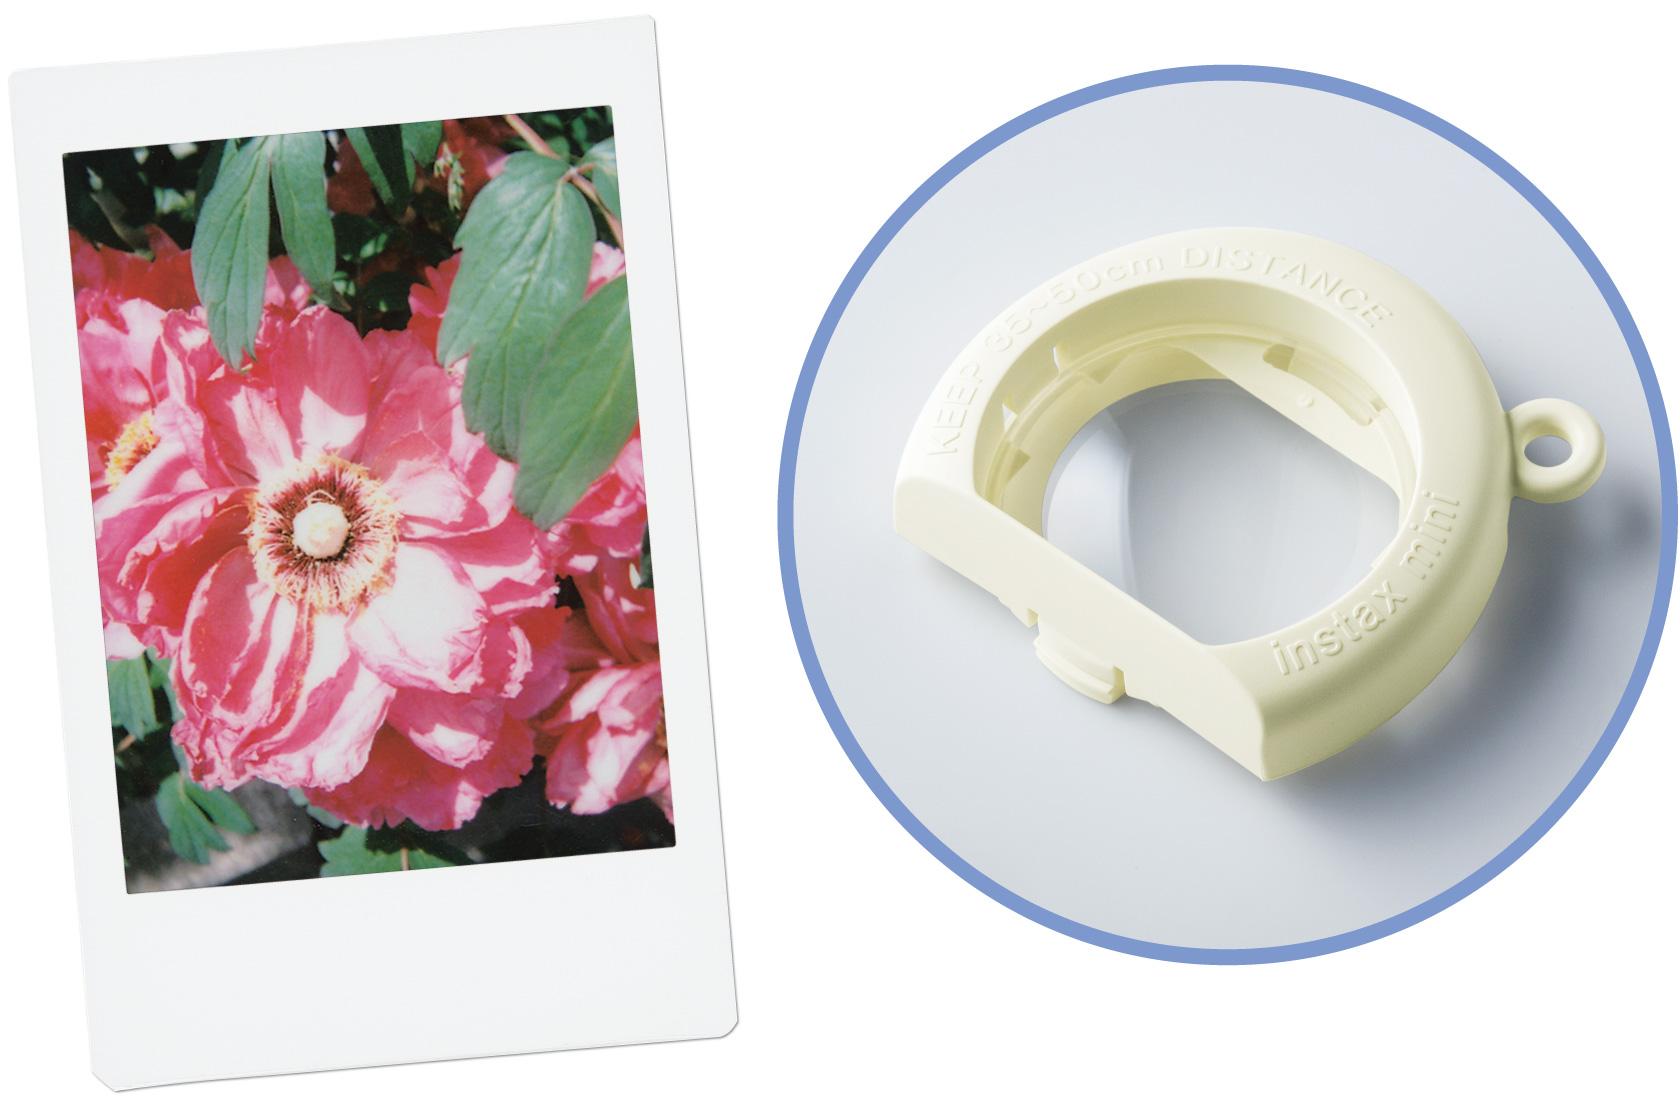 Imagen de la imagen pequeña y el accesorio de lente para acercamiento